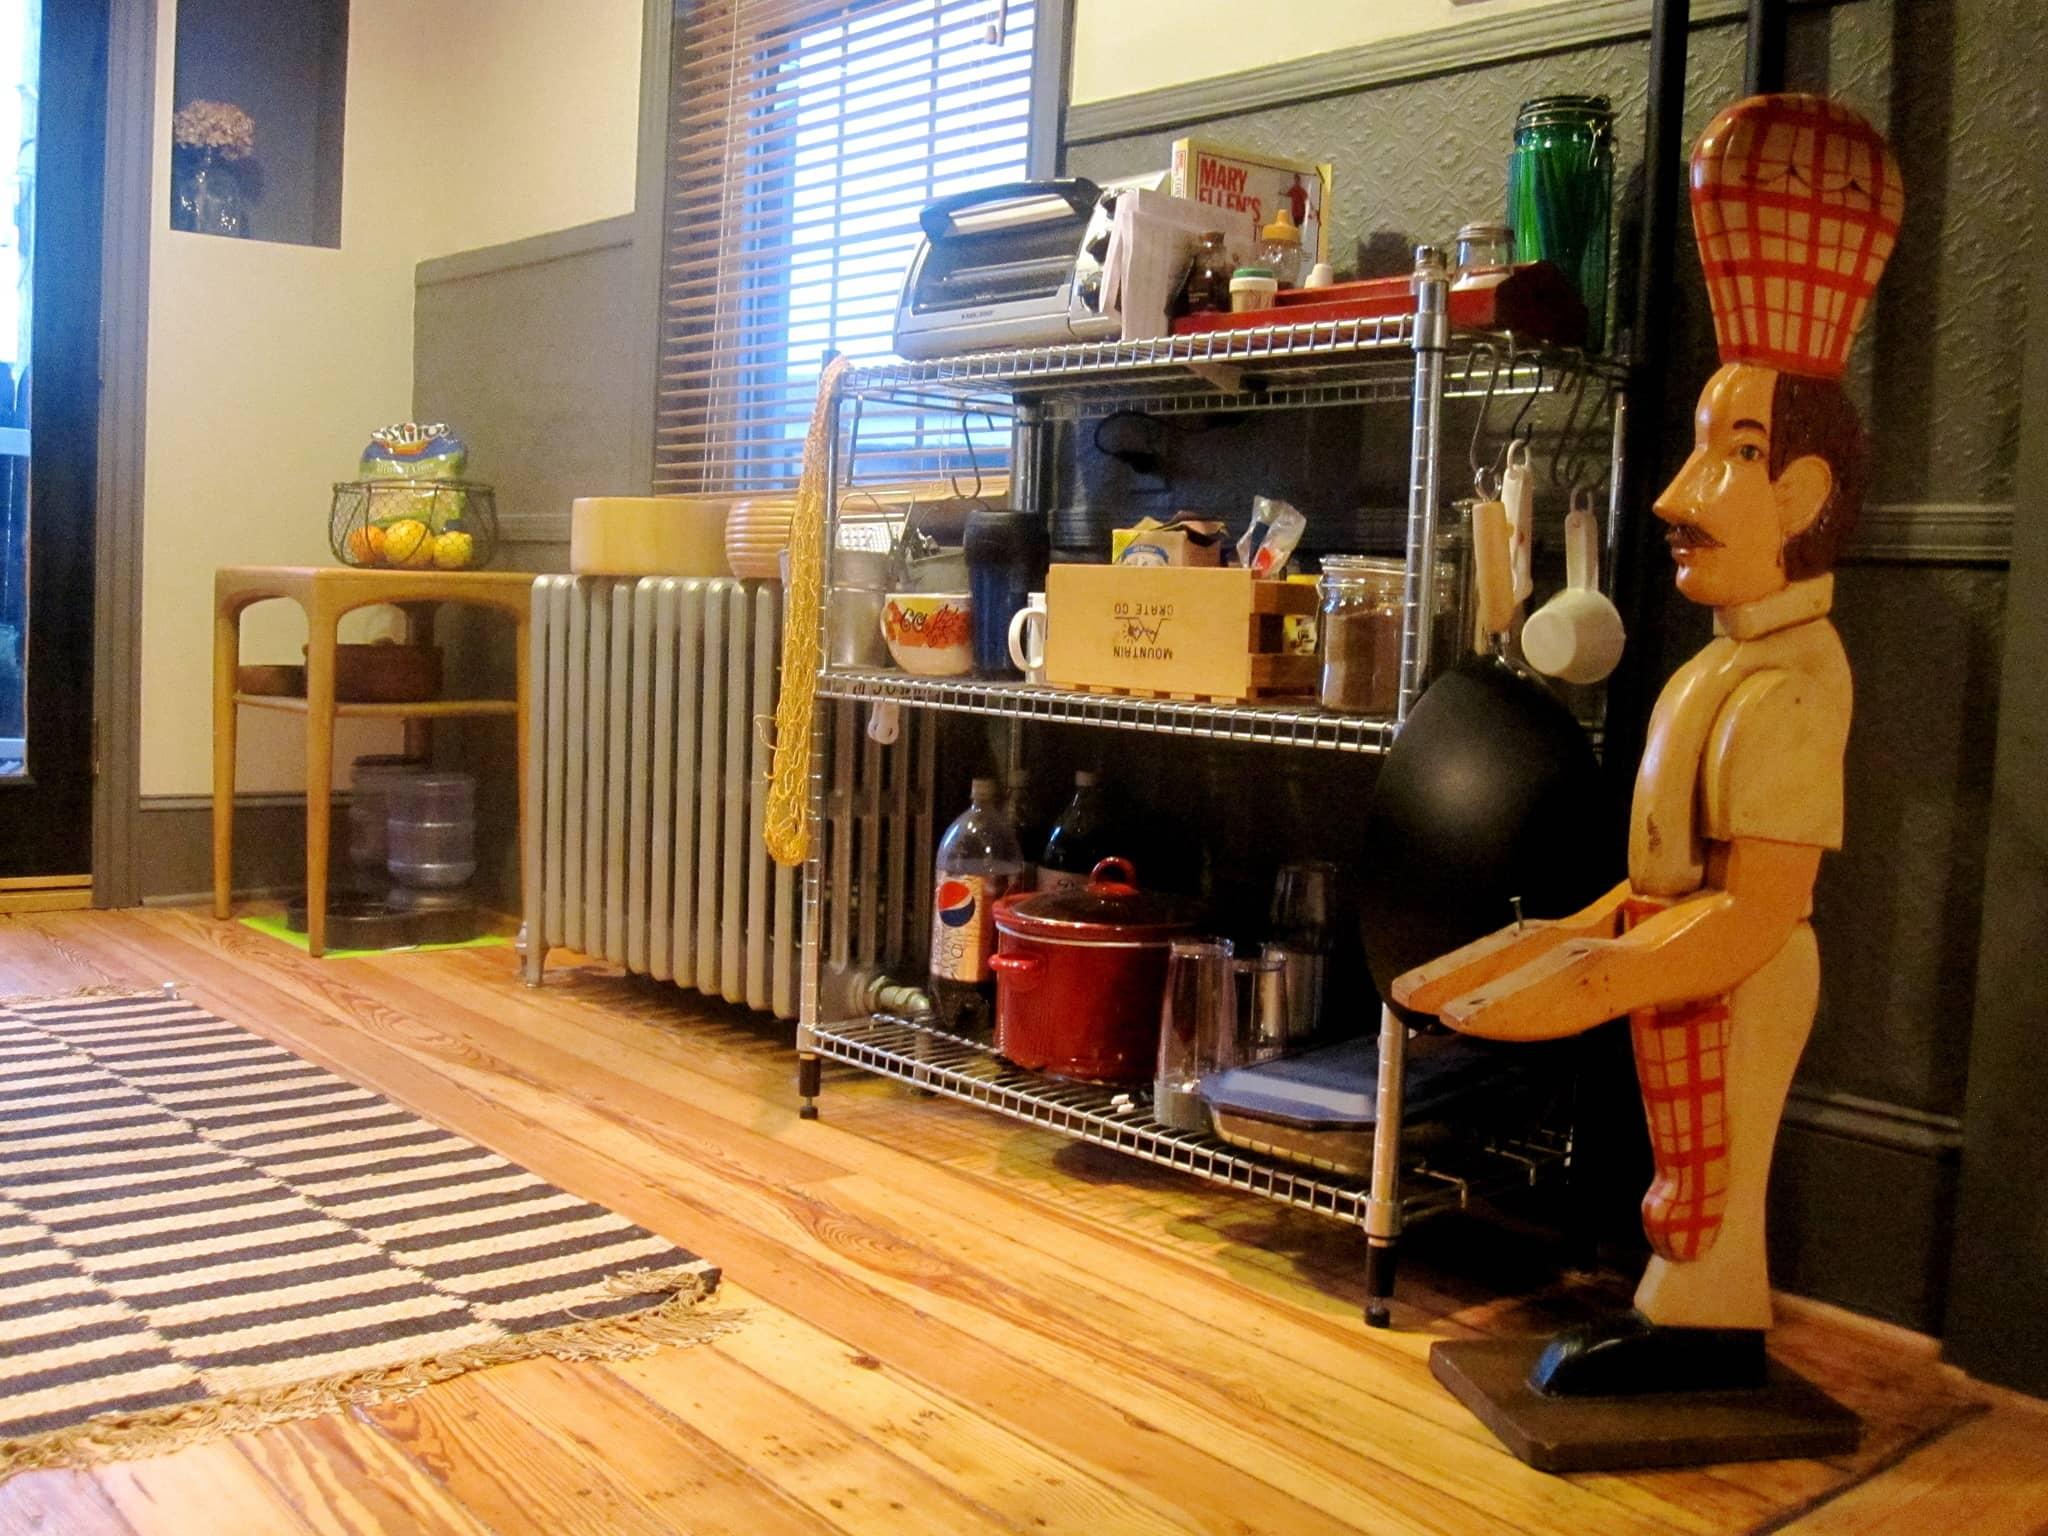 Helen's Eclectic Yet Calming Philadelphia Kitchen: gallery image 3